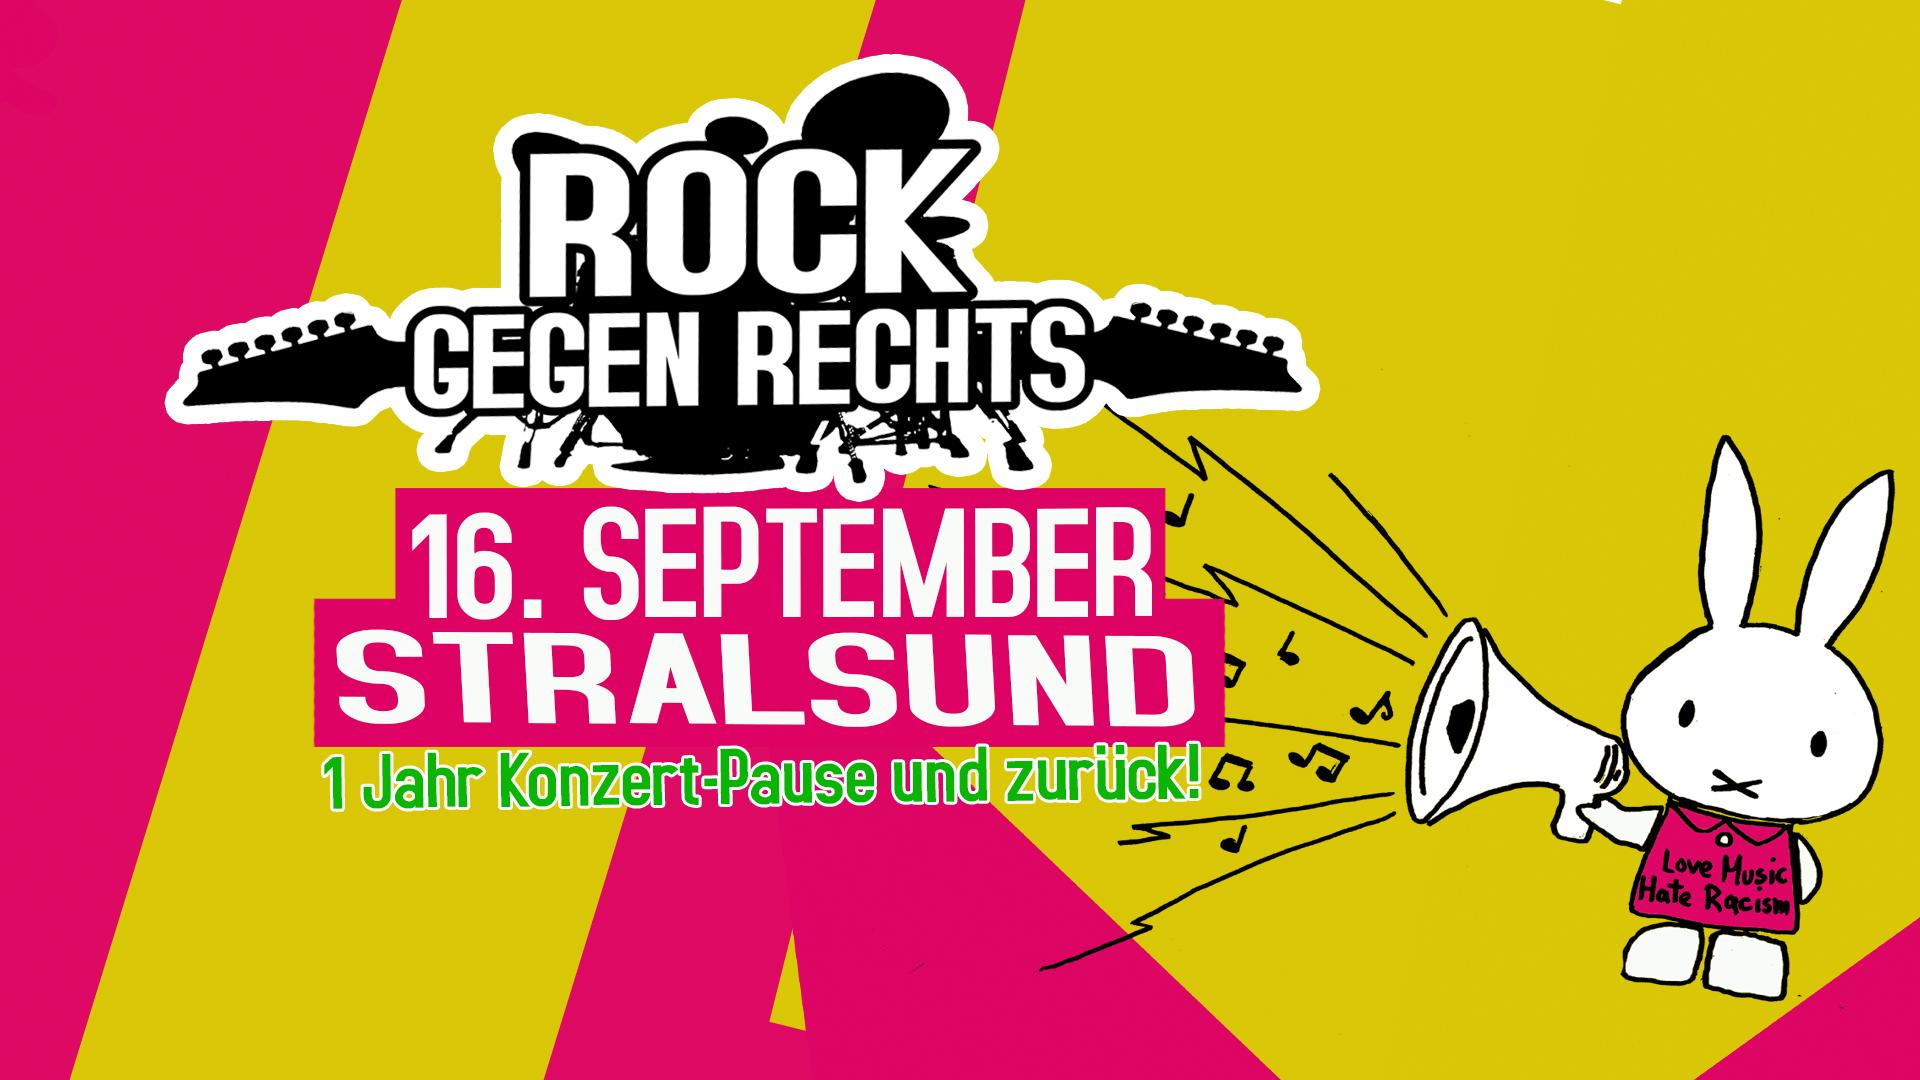 Stralsund 16. September: Rock gegen Rechts Konzert